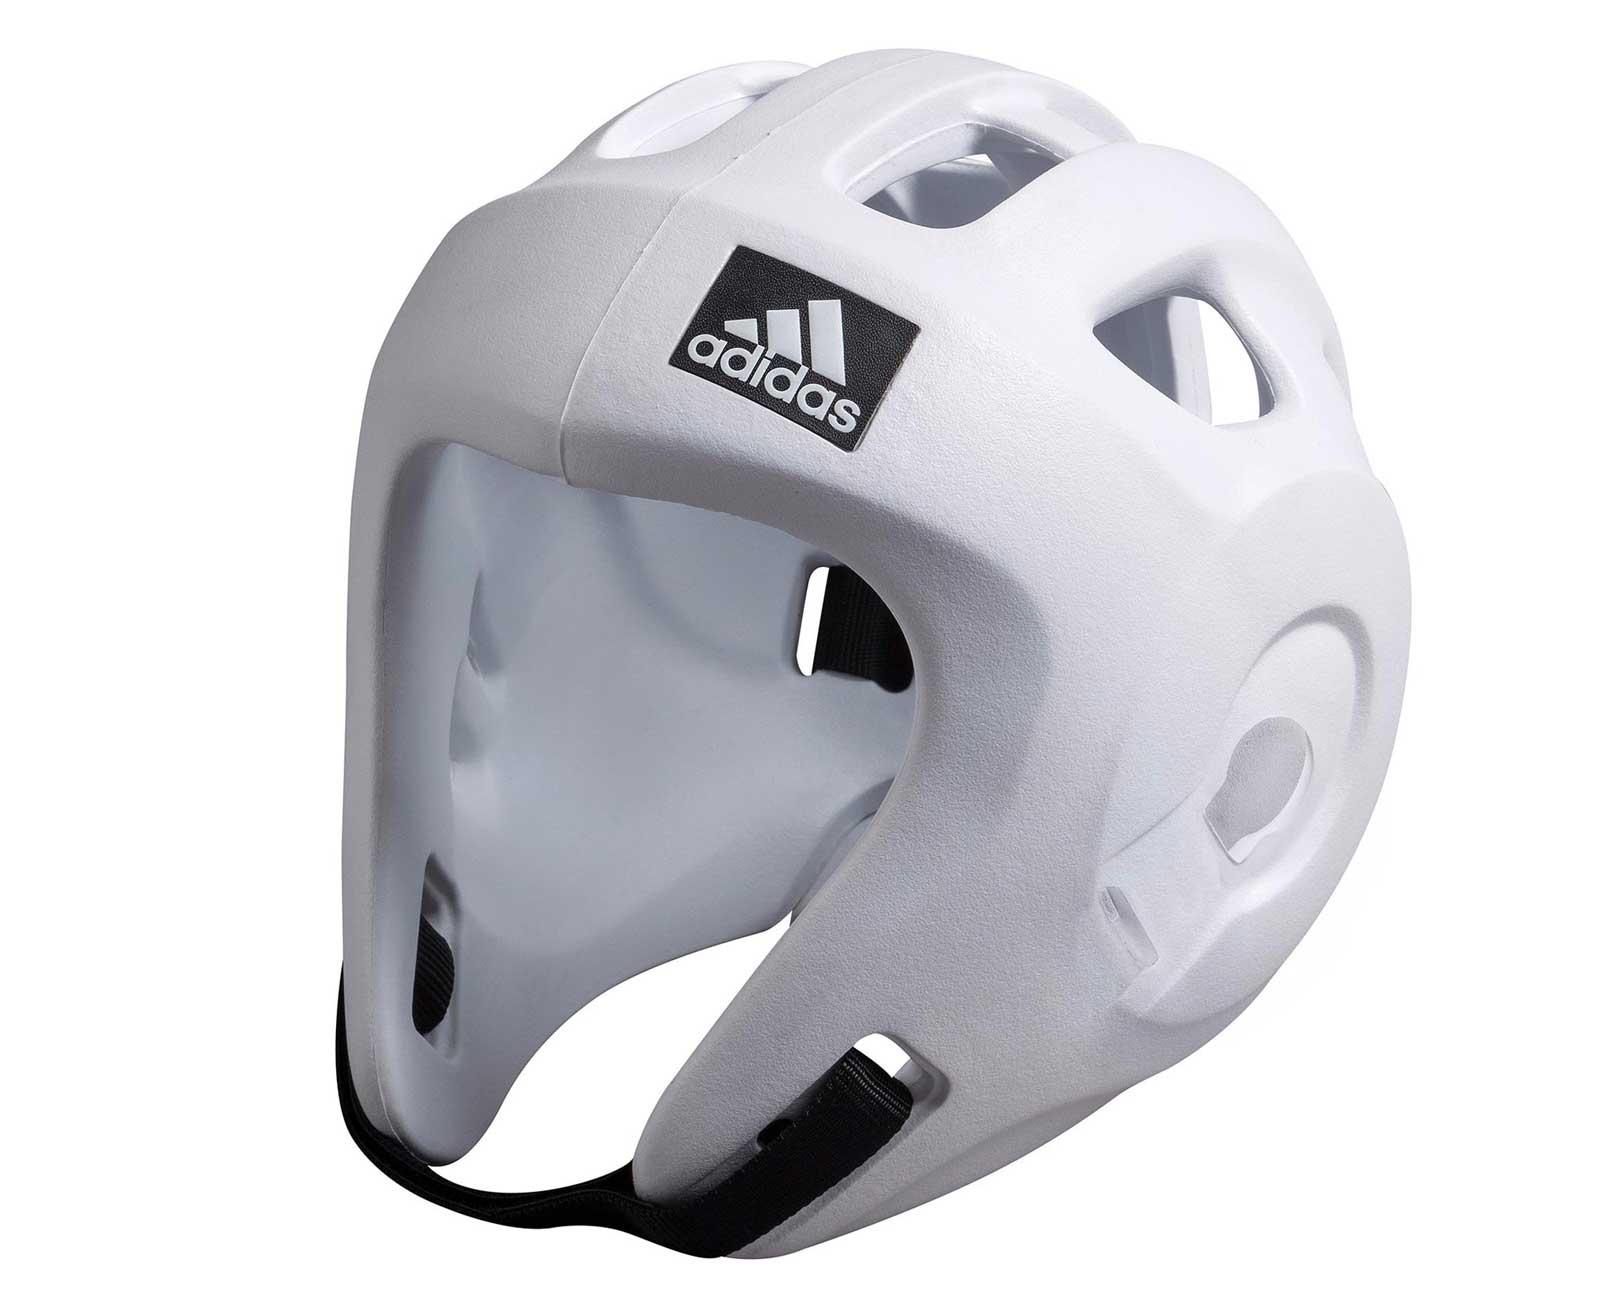 Детская экипировка для бокса Детский шлем для единоборств Adizero (одобрен WAKO и WTF), белый AdidasДля бокса<br>Adidas Adizero - это однозначно лучший шлем в своем классе. Он предназначен для таких боевых искусств как бокс,тхэвондо &amp;#40;одобрен WTF &amp;#40;Всемирная федерация тхэквондо&amp;#41;, кик-боксинг &amp;#40;одобрен WAKO Всемирная ассоциация кикбоксинга&amp;#41;, а так же для других видов контактных единоборств, где требуется гарантированная защита головы с непревзойденным удобством и комфортом.Изготовлен из ультра легкого и супер прочного амортизирующего, резинового материала по технологии adidas. Поставляется с WTF &amp;#43; WAKO комплектом ремней для подбородка и спины для безопасной посадки. Одобрен WAKO и WTFСамый легкий шлеме в своем классеПолностью литой корпус из инновационного материала.Инновационный и эргономичный дизайнОтверстия для вентиляции в верхней и боковых частях шлема.Отлично амортизацияПростая и быстрая настройка ремней с нейлоновой липучкой для подбородка и спины.<br>